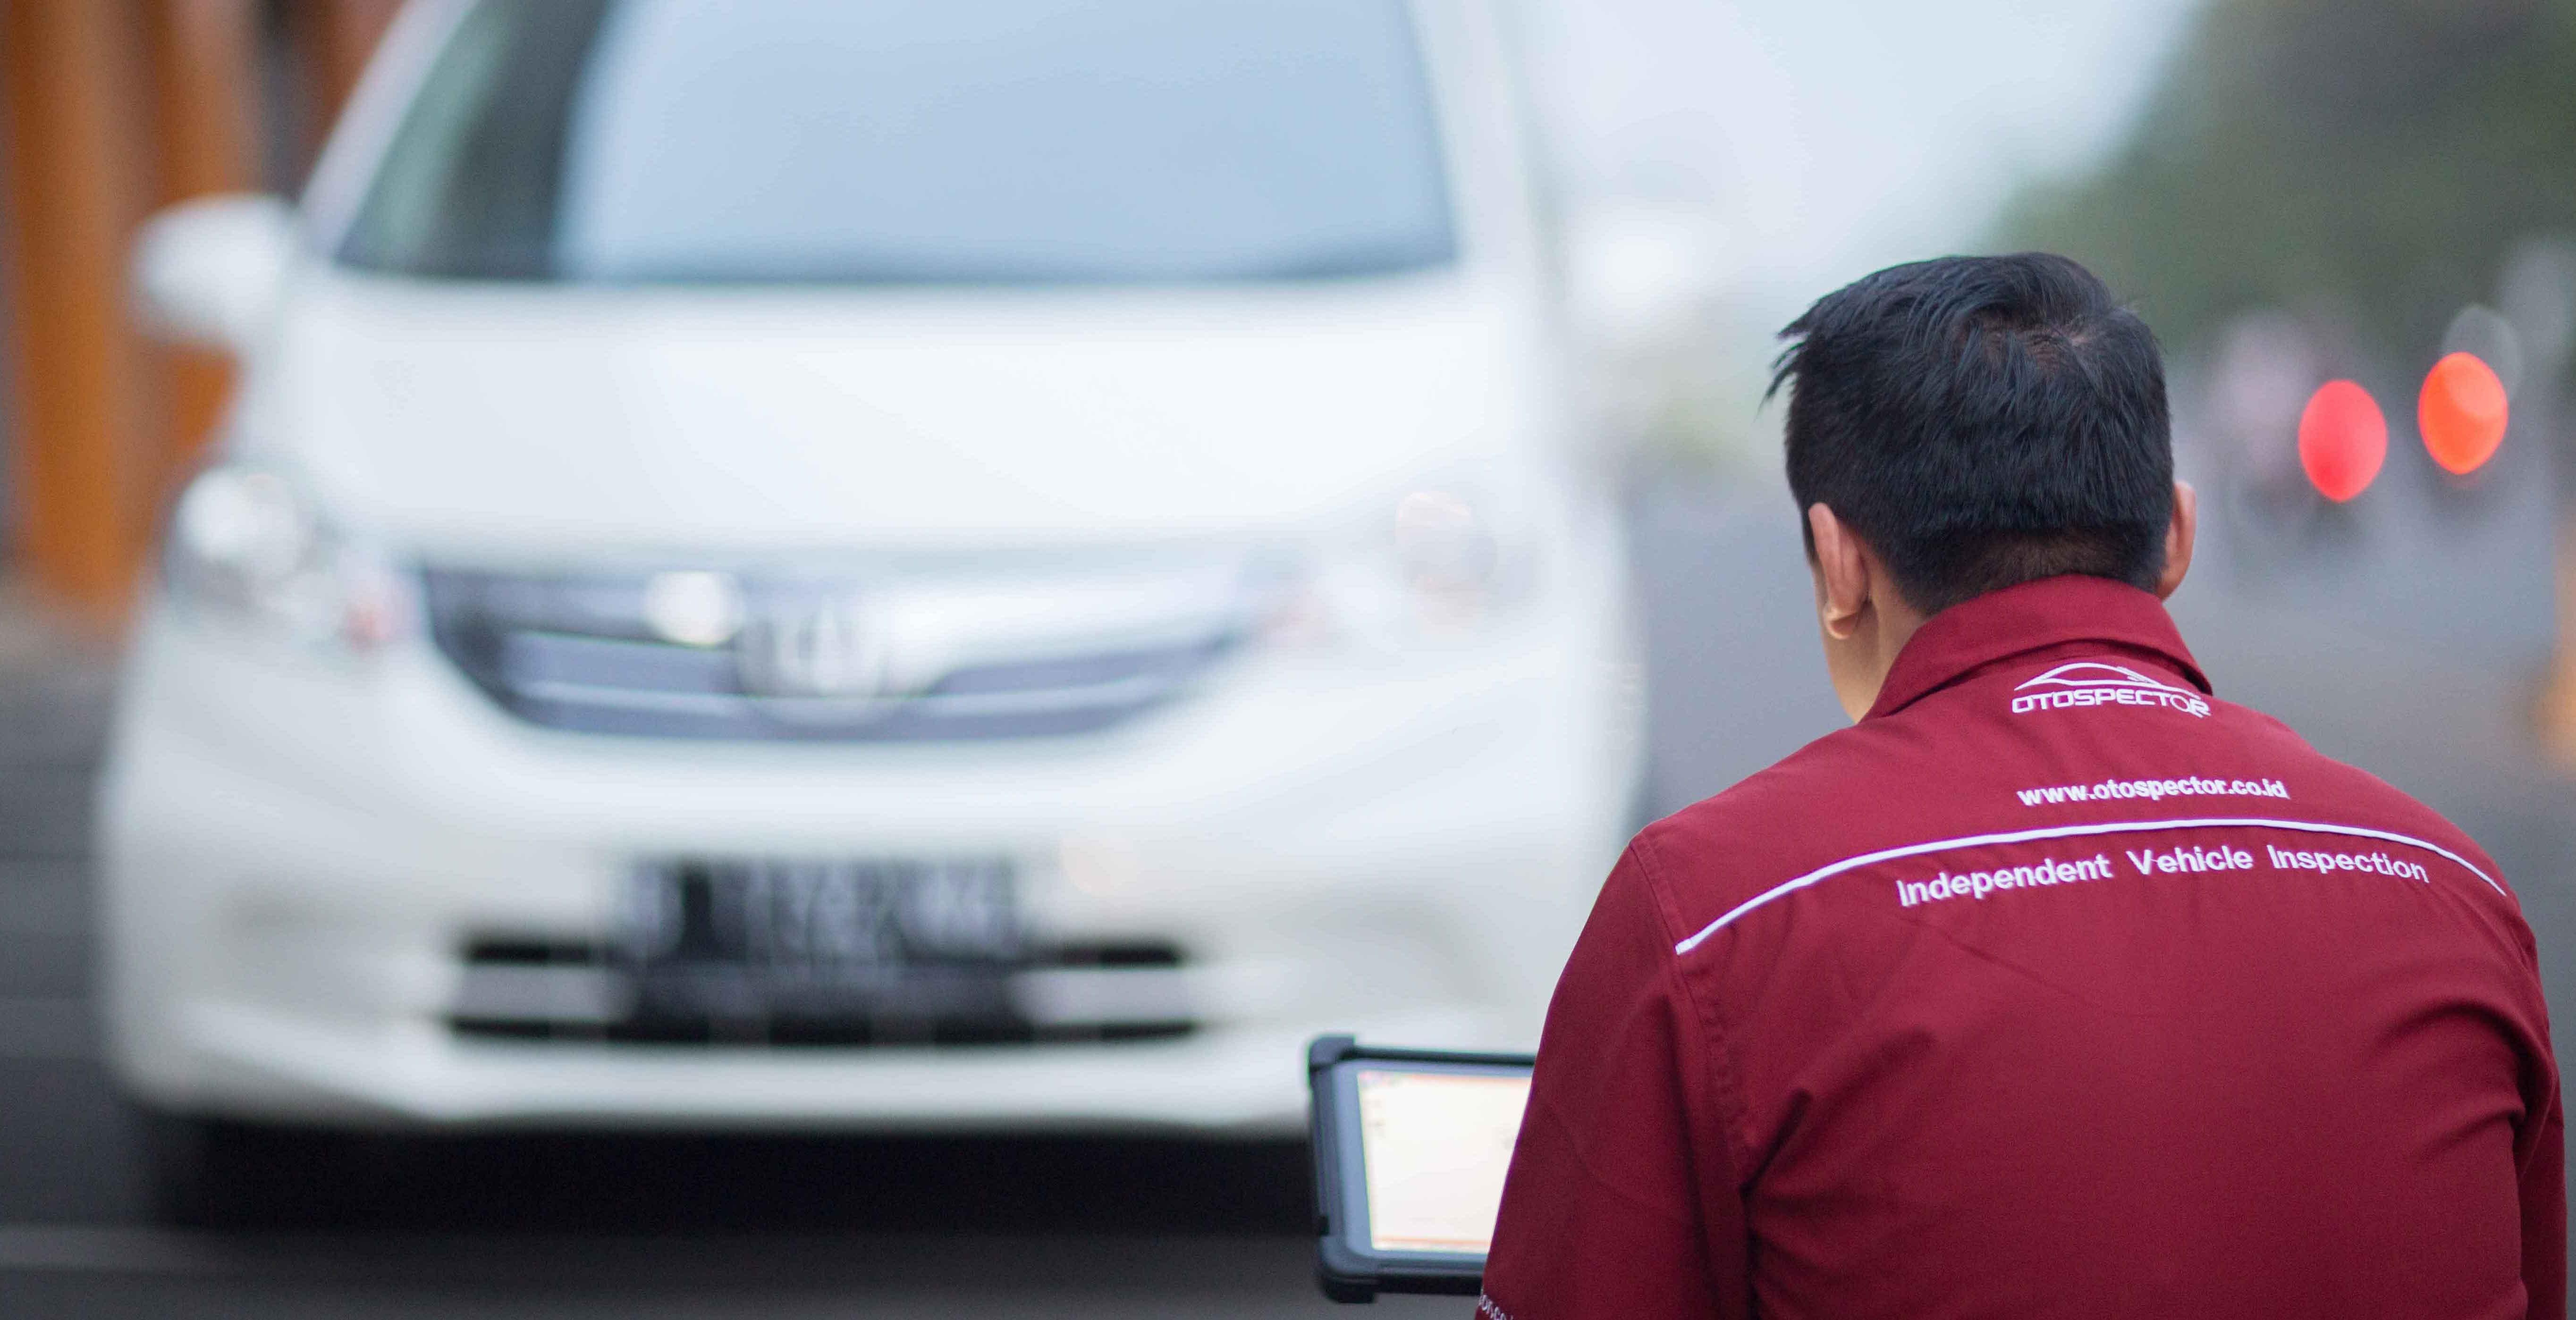 Otospector, Cara Mudah Cari Mobil Bekas Berkualitas, Ulasan dari Viva.co.id